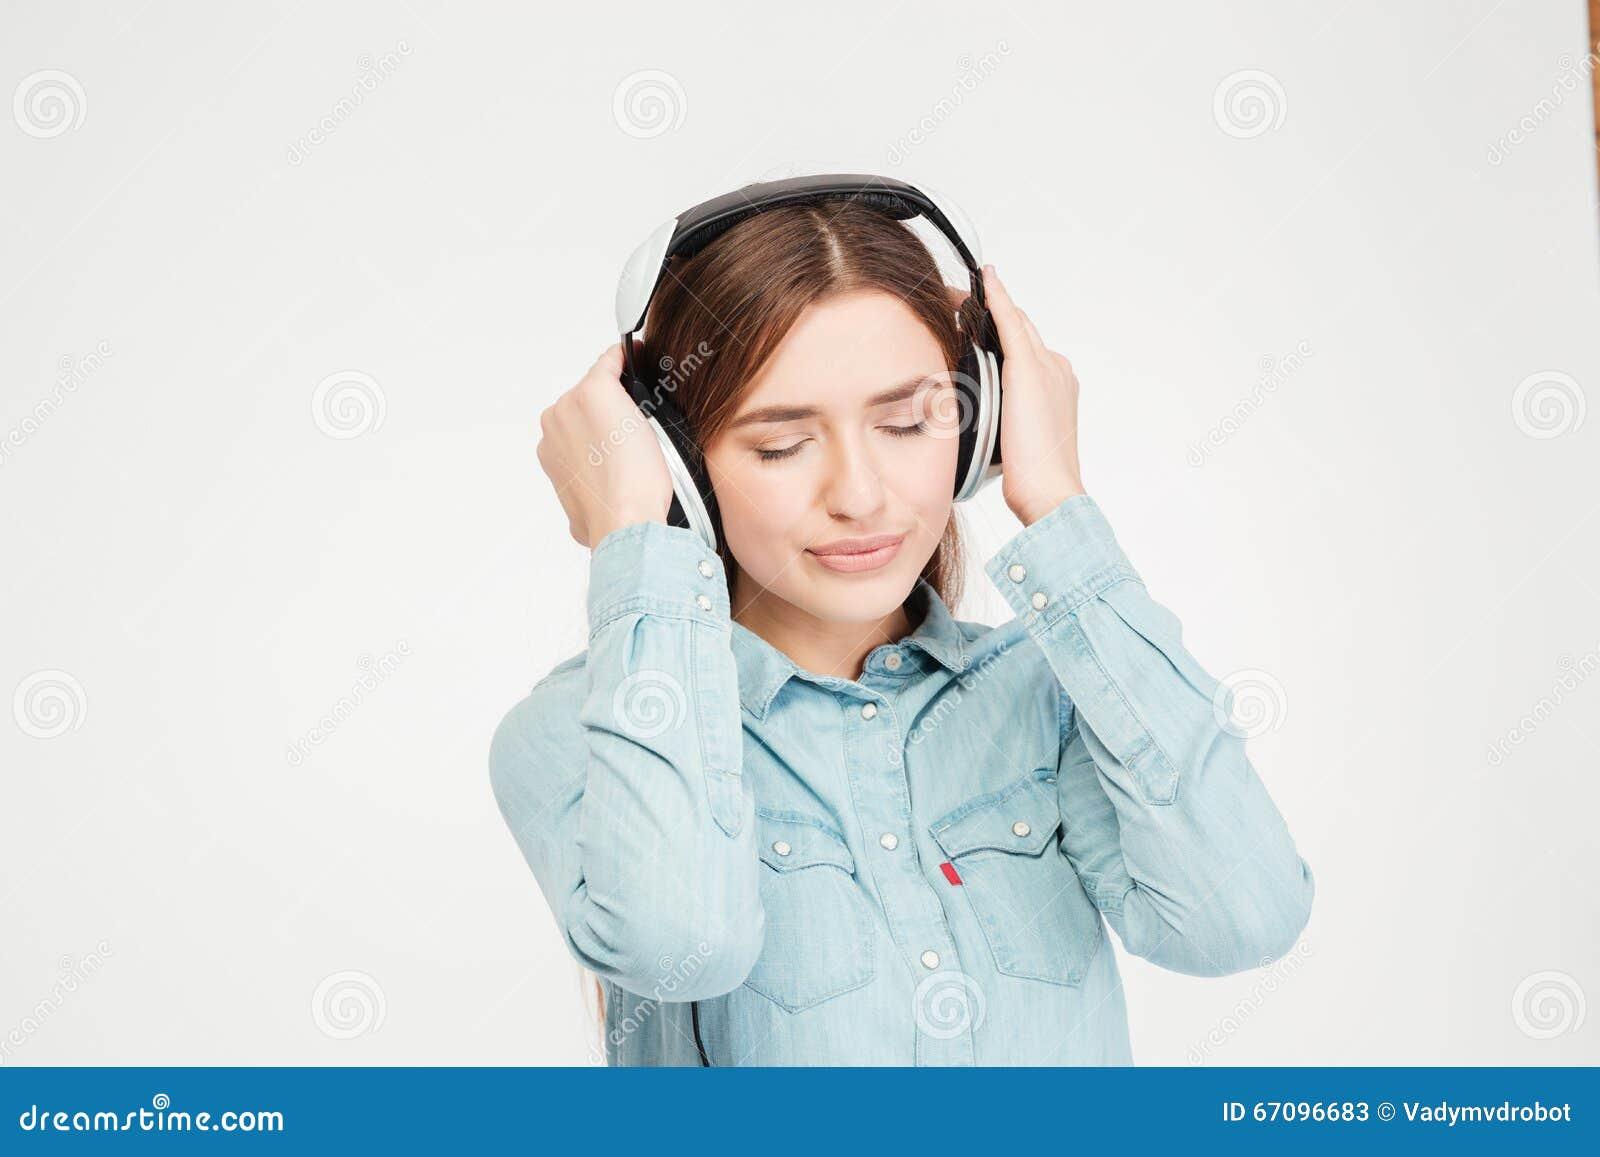 Ruhige durchdachte hübsche Frau mit Augen schloss das Hören Musik